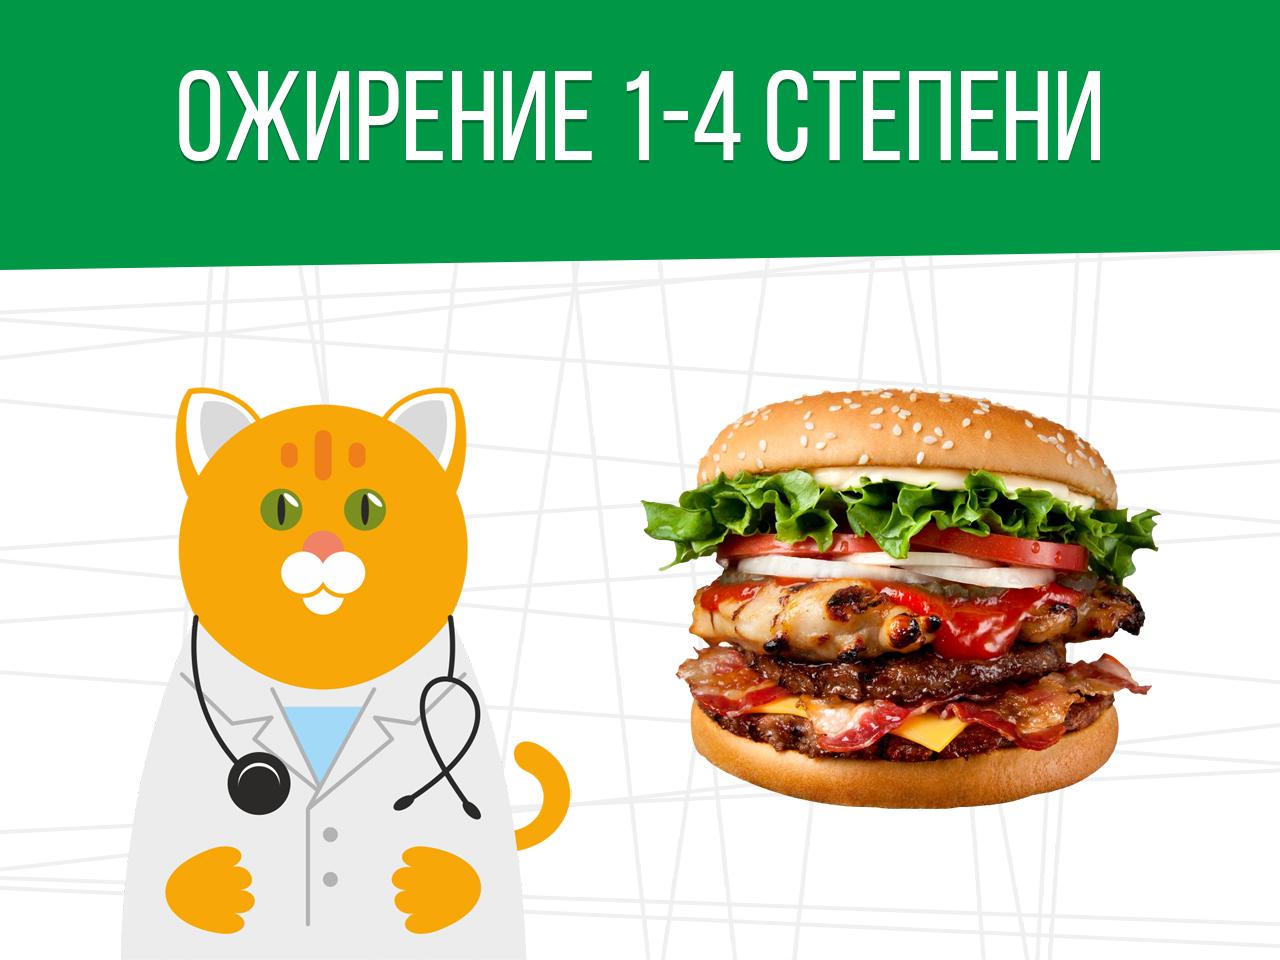 Ожирение 1-4 степени: определяем категорию годности